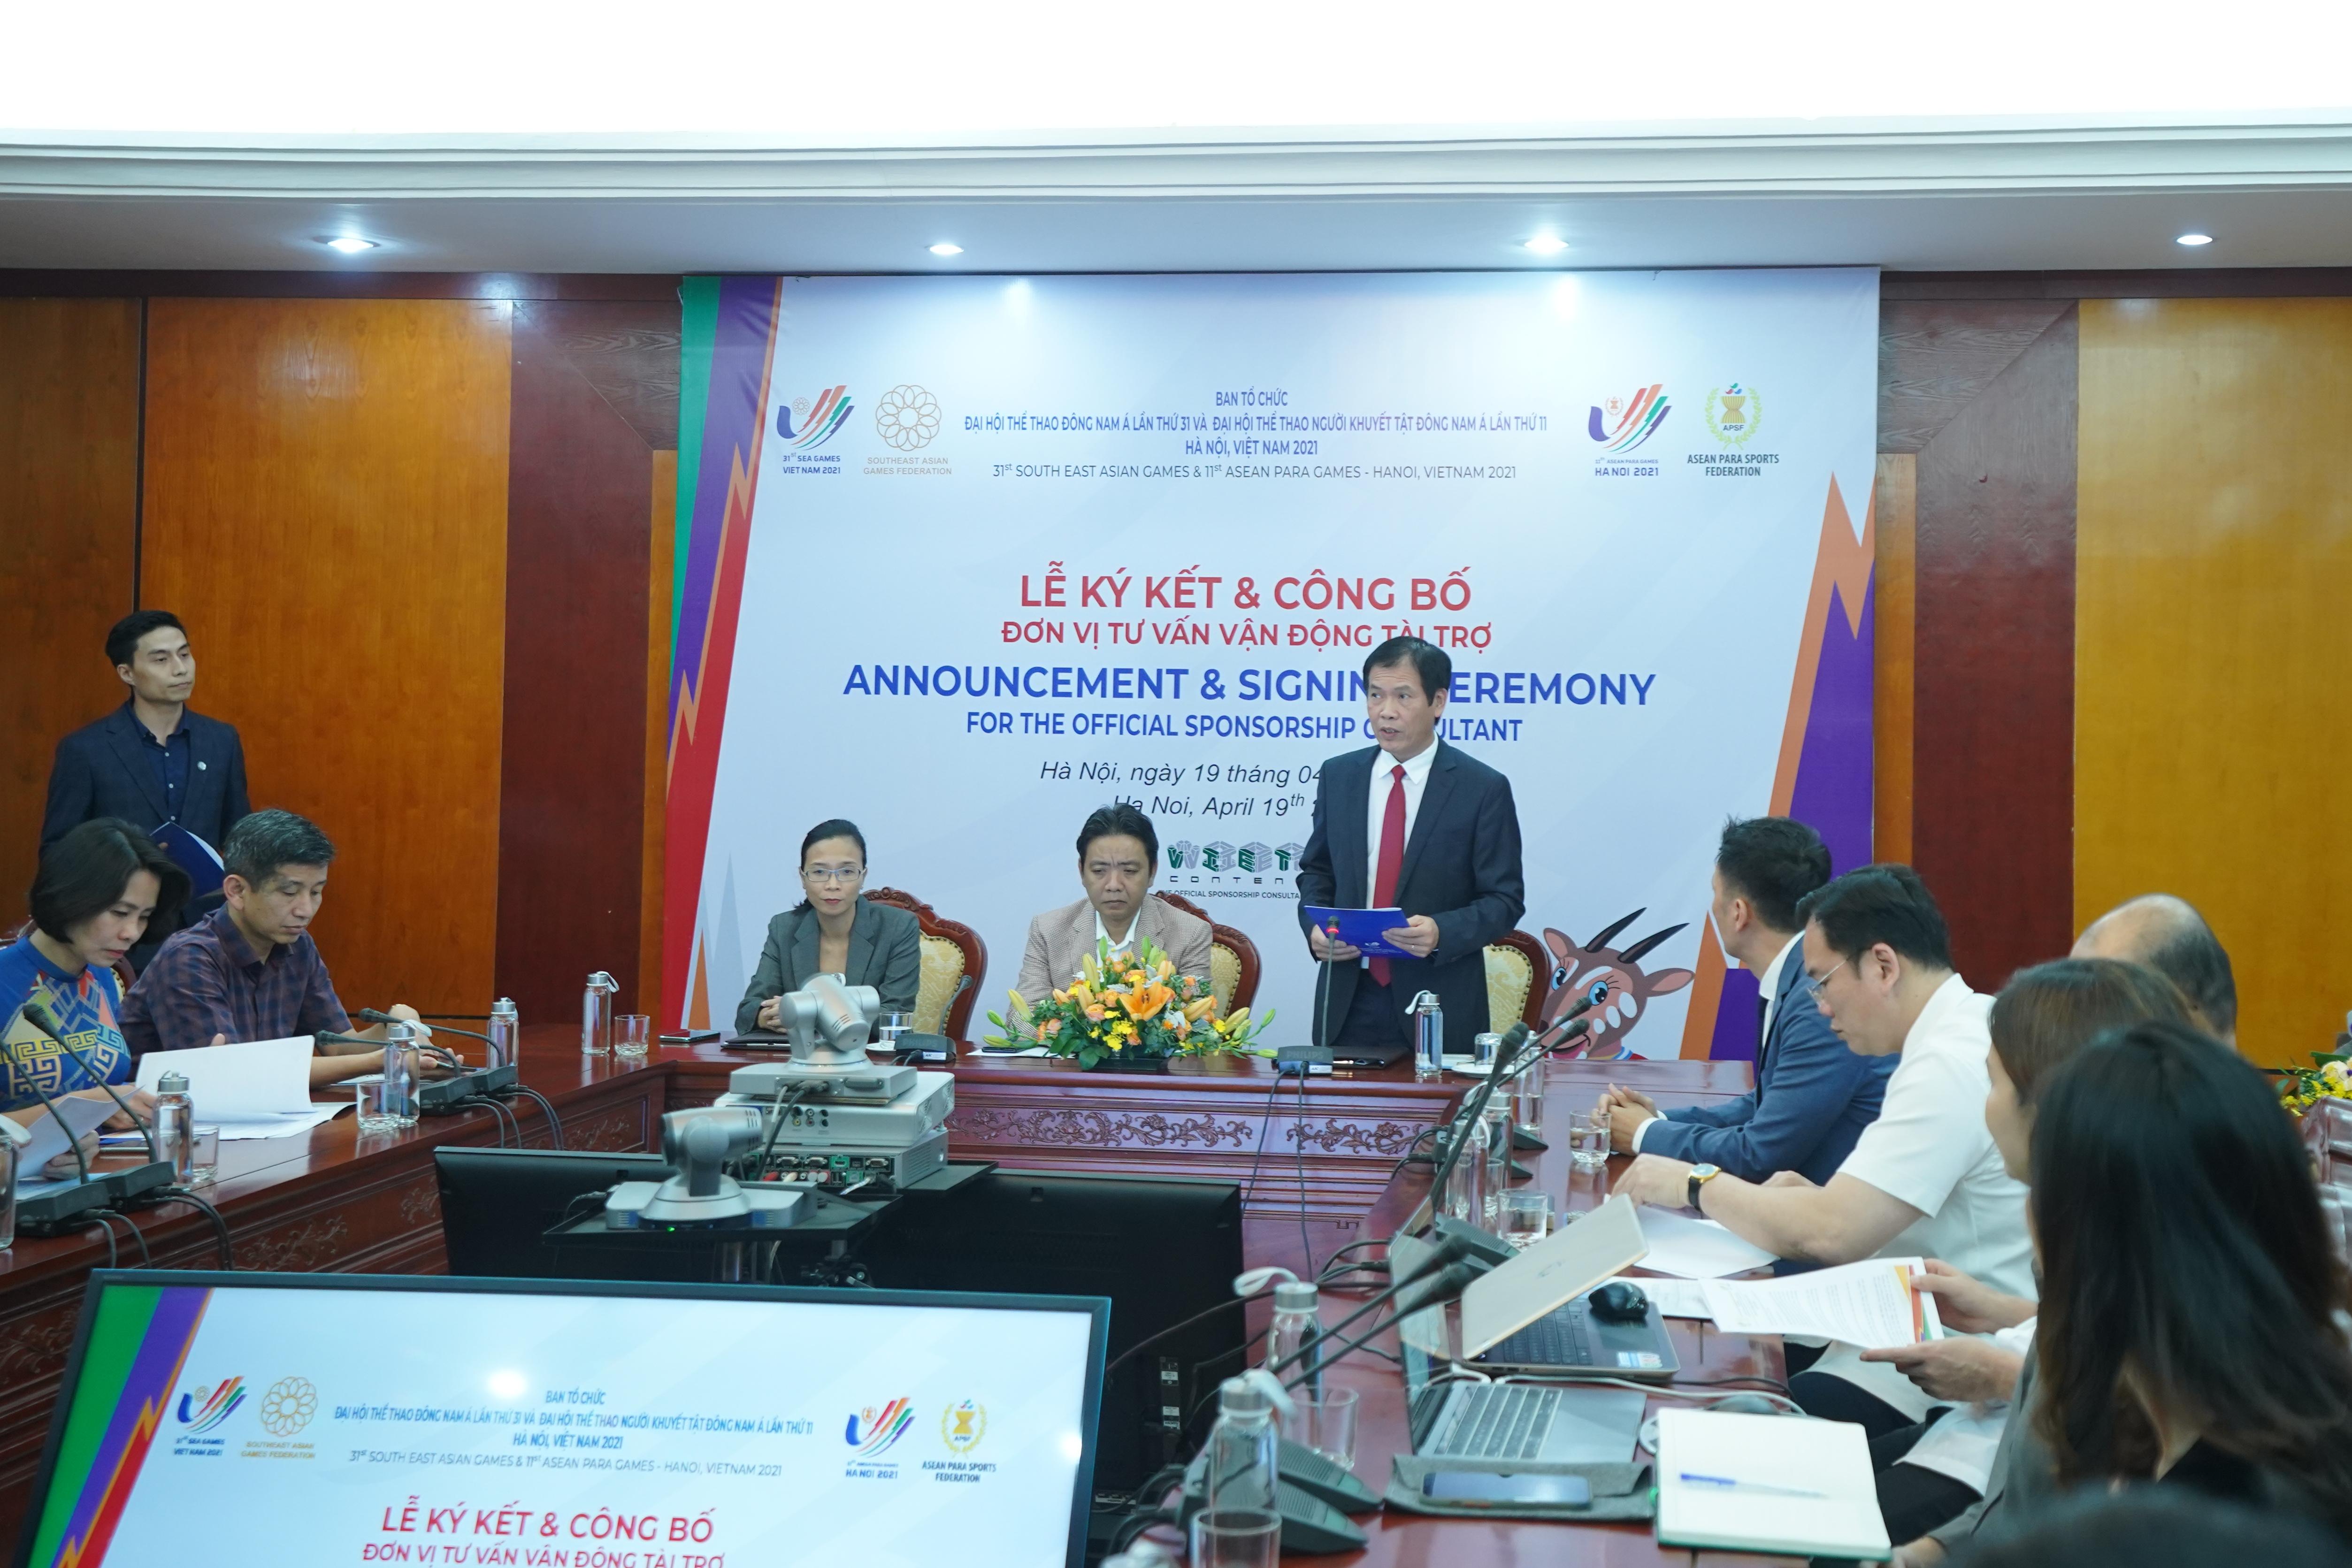 Phó tổng cục trưởng phụ trách Tổng cục TDTT - Trần Đức Phấn phát biểu tại buổi lễ ký kết